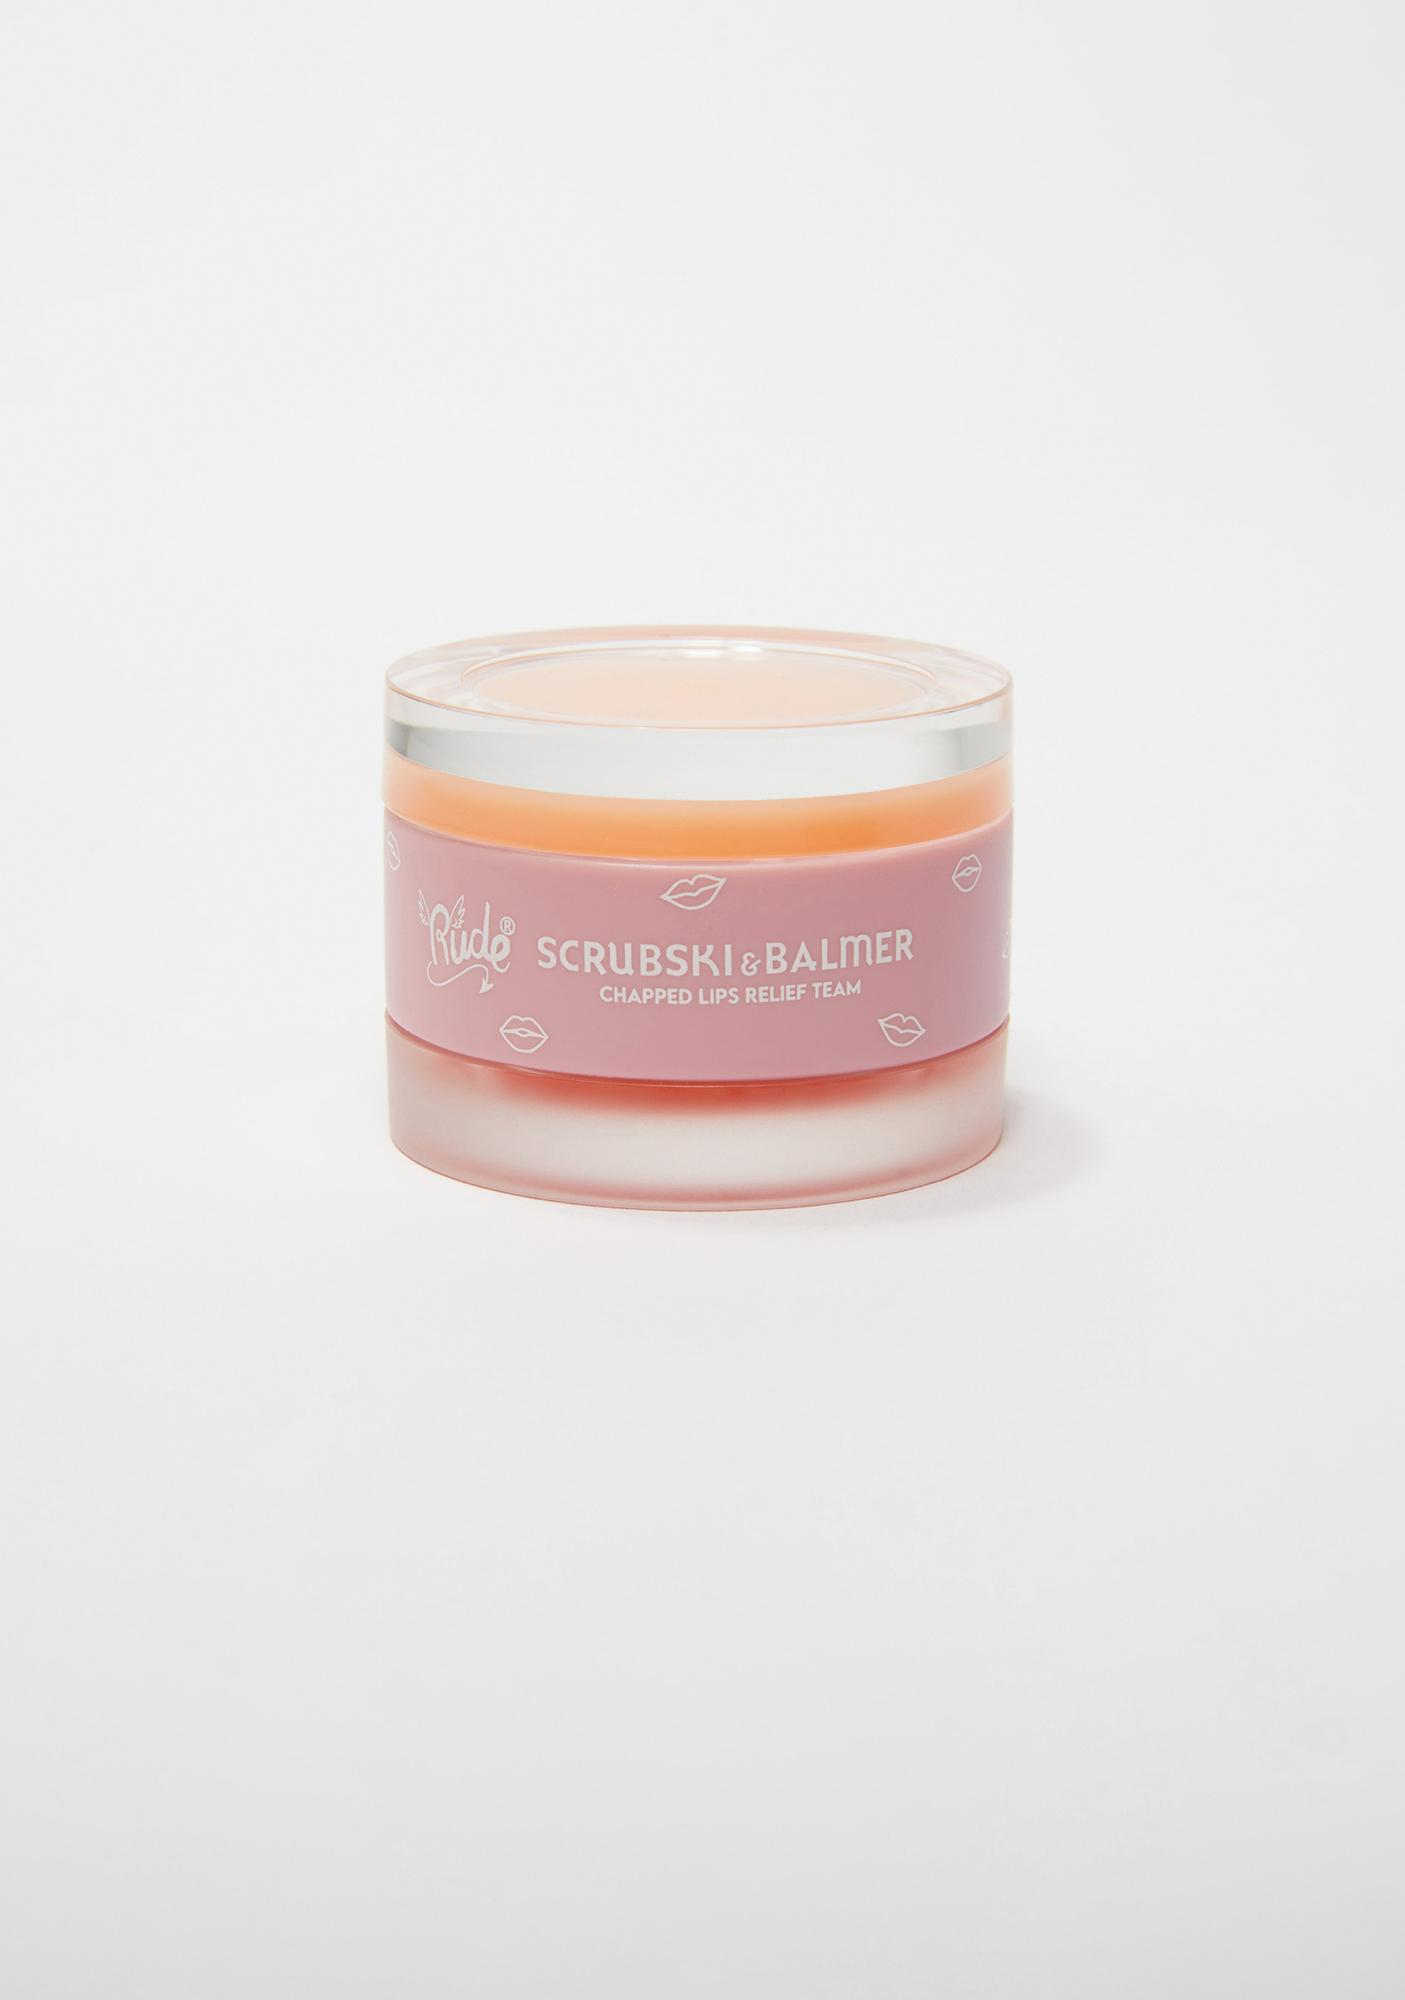 Rude Cosmetics Orange Scrubski & Balmer Lip Exfoliator